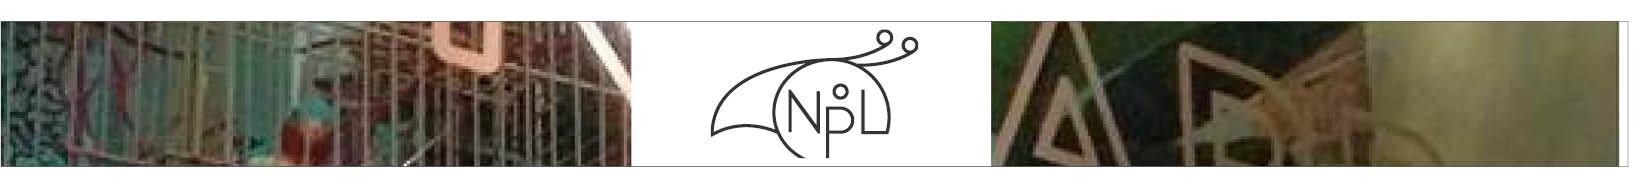 NPL banner.jpg